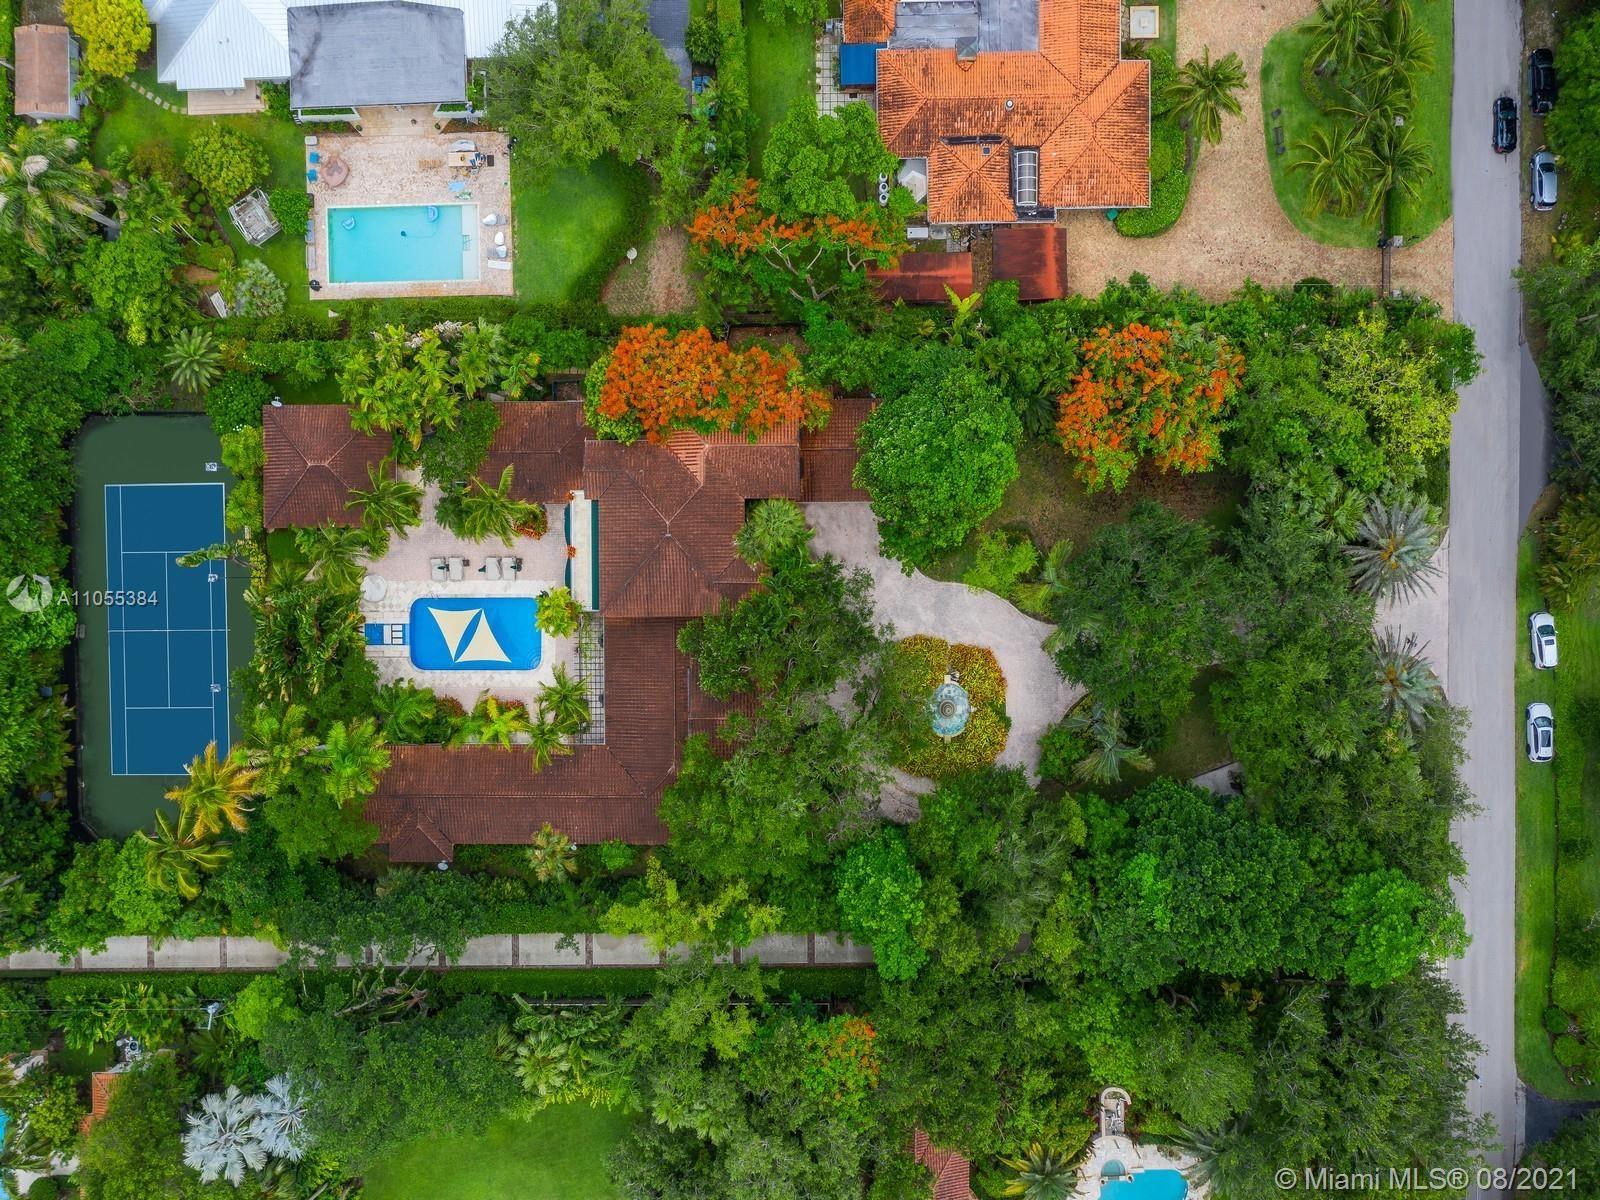 8555 Ponce De Leon Rd, Miami, FL 33143 - #: A11055384